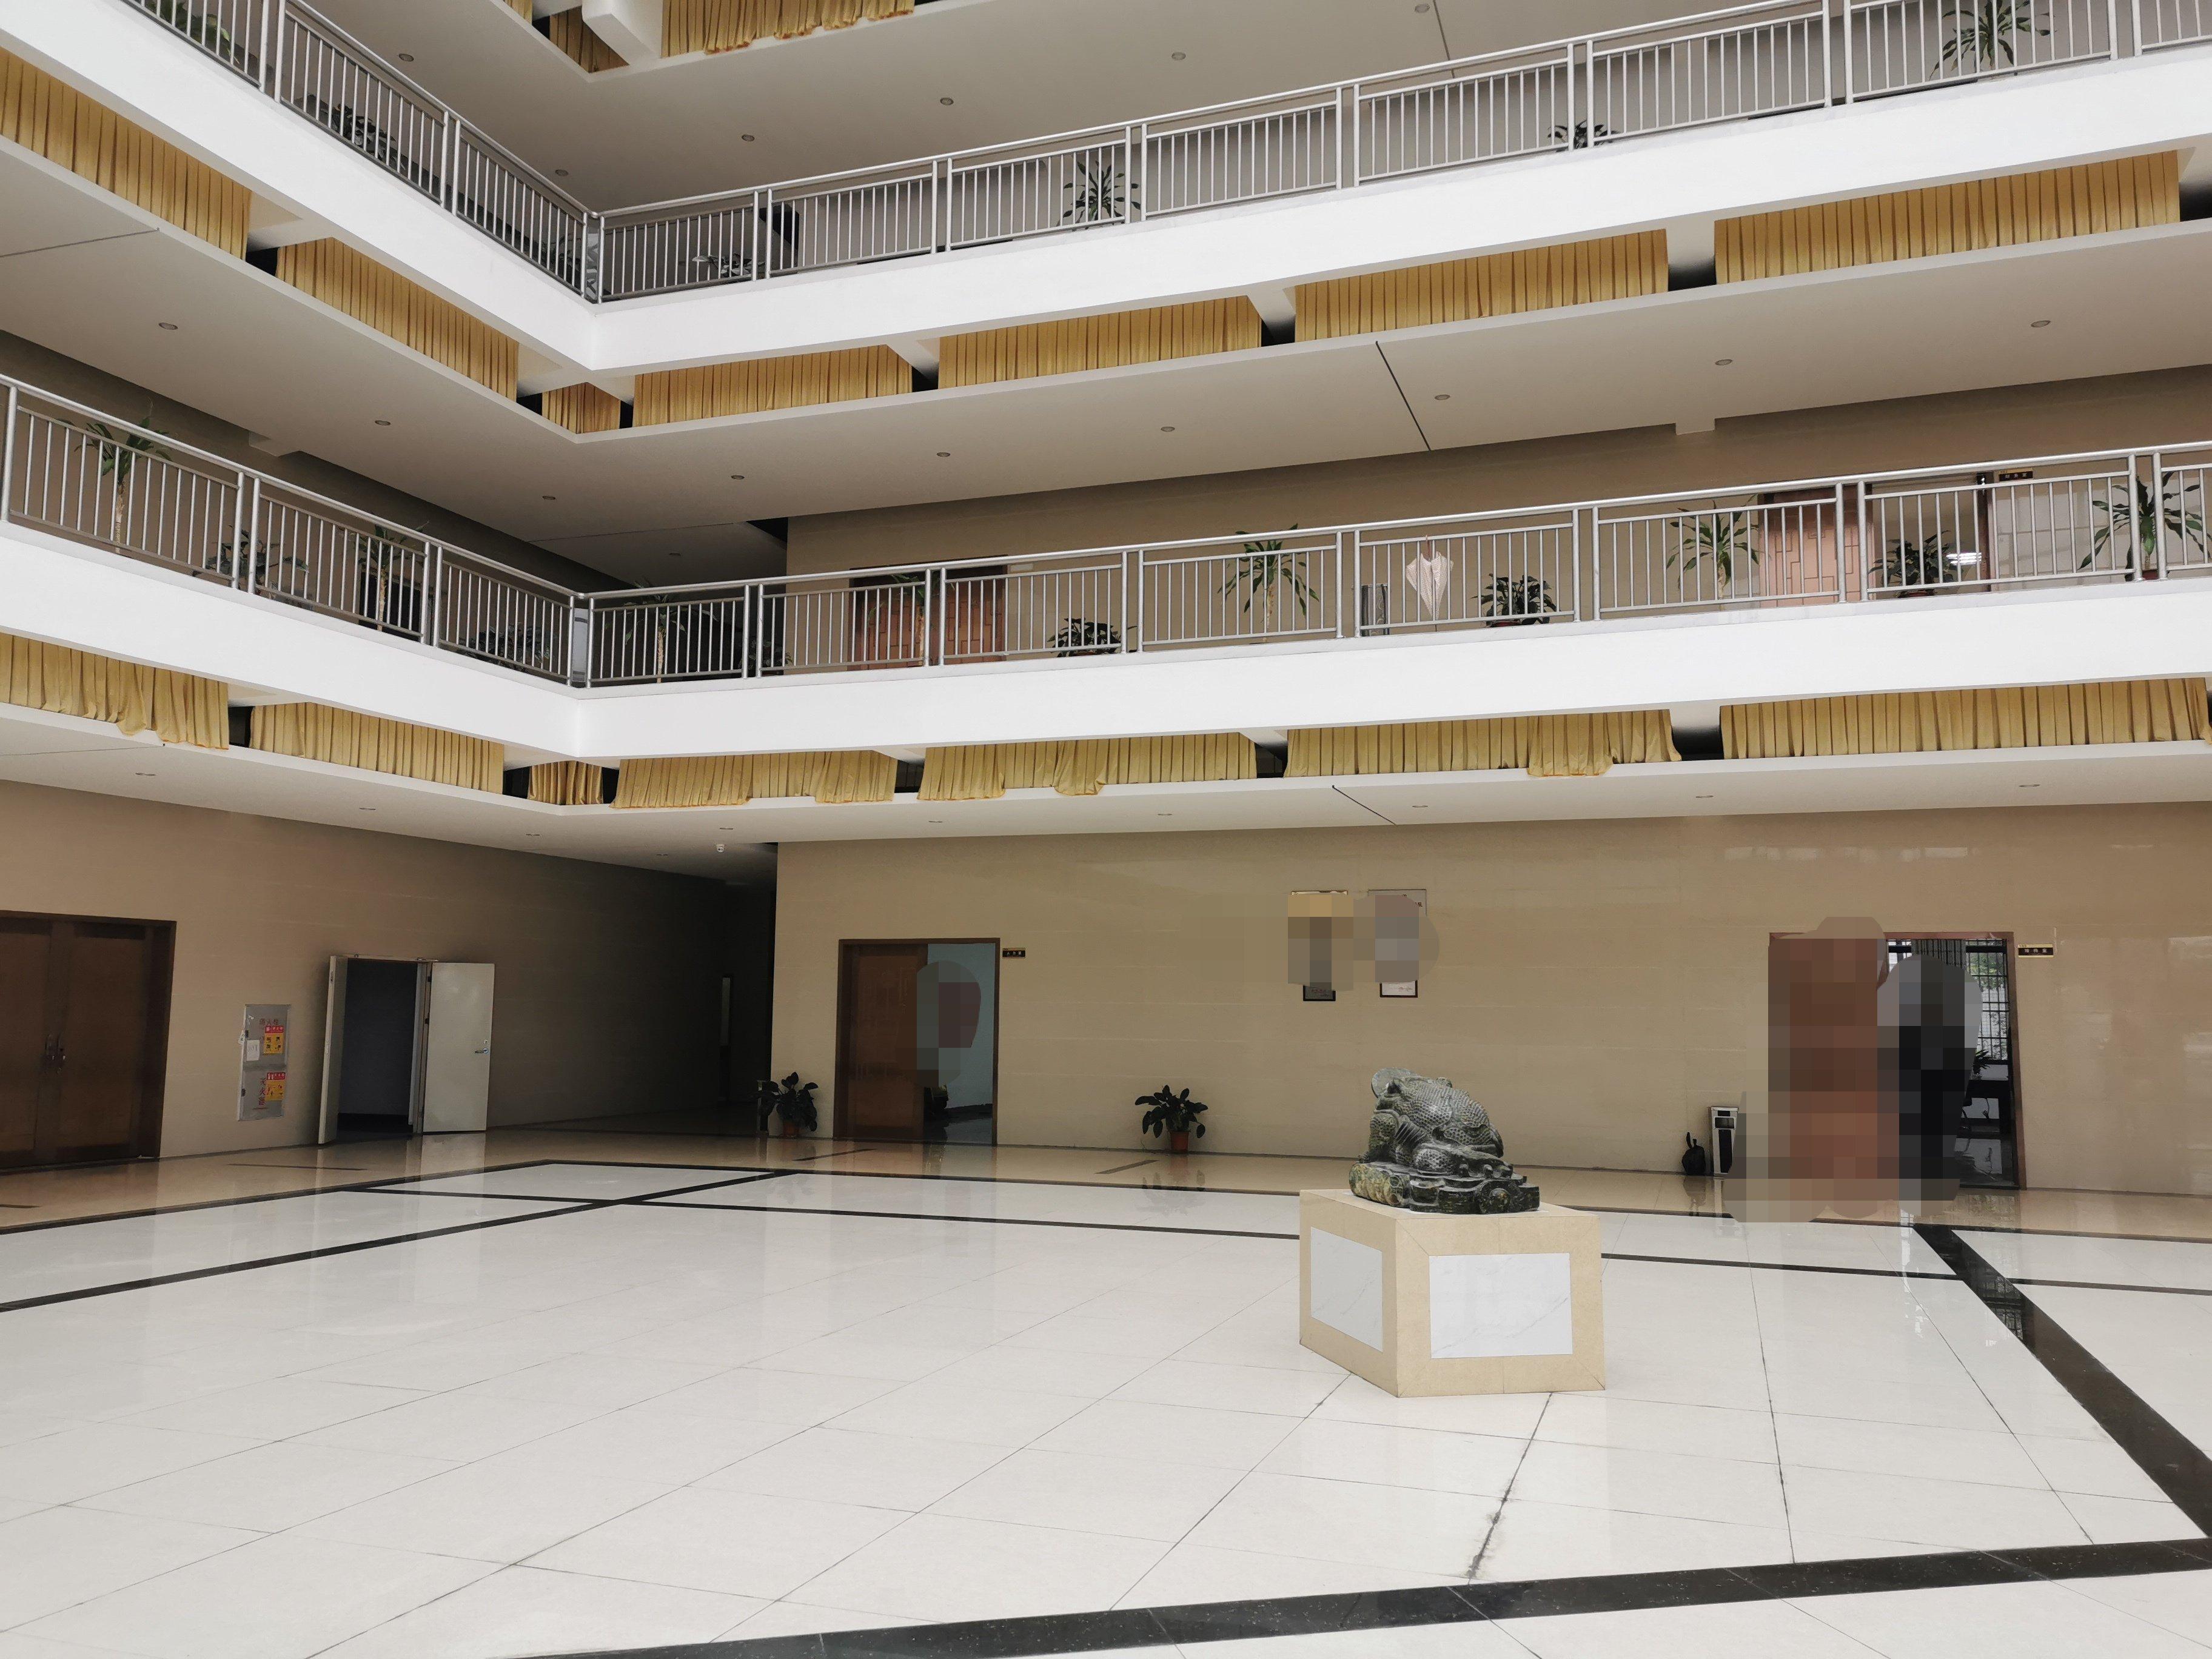 滴水13米高厂房5万平米配有天燃气蒸汽包过喷油漆酸洗等环评